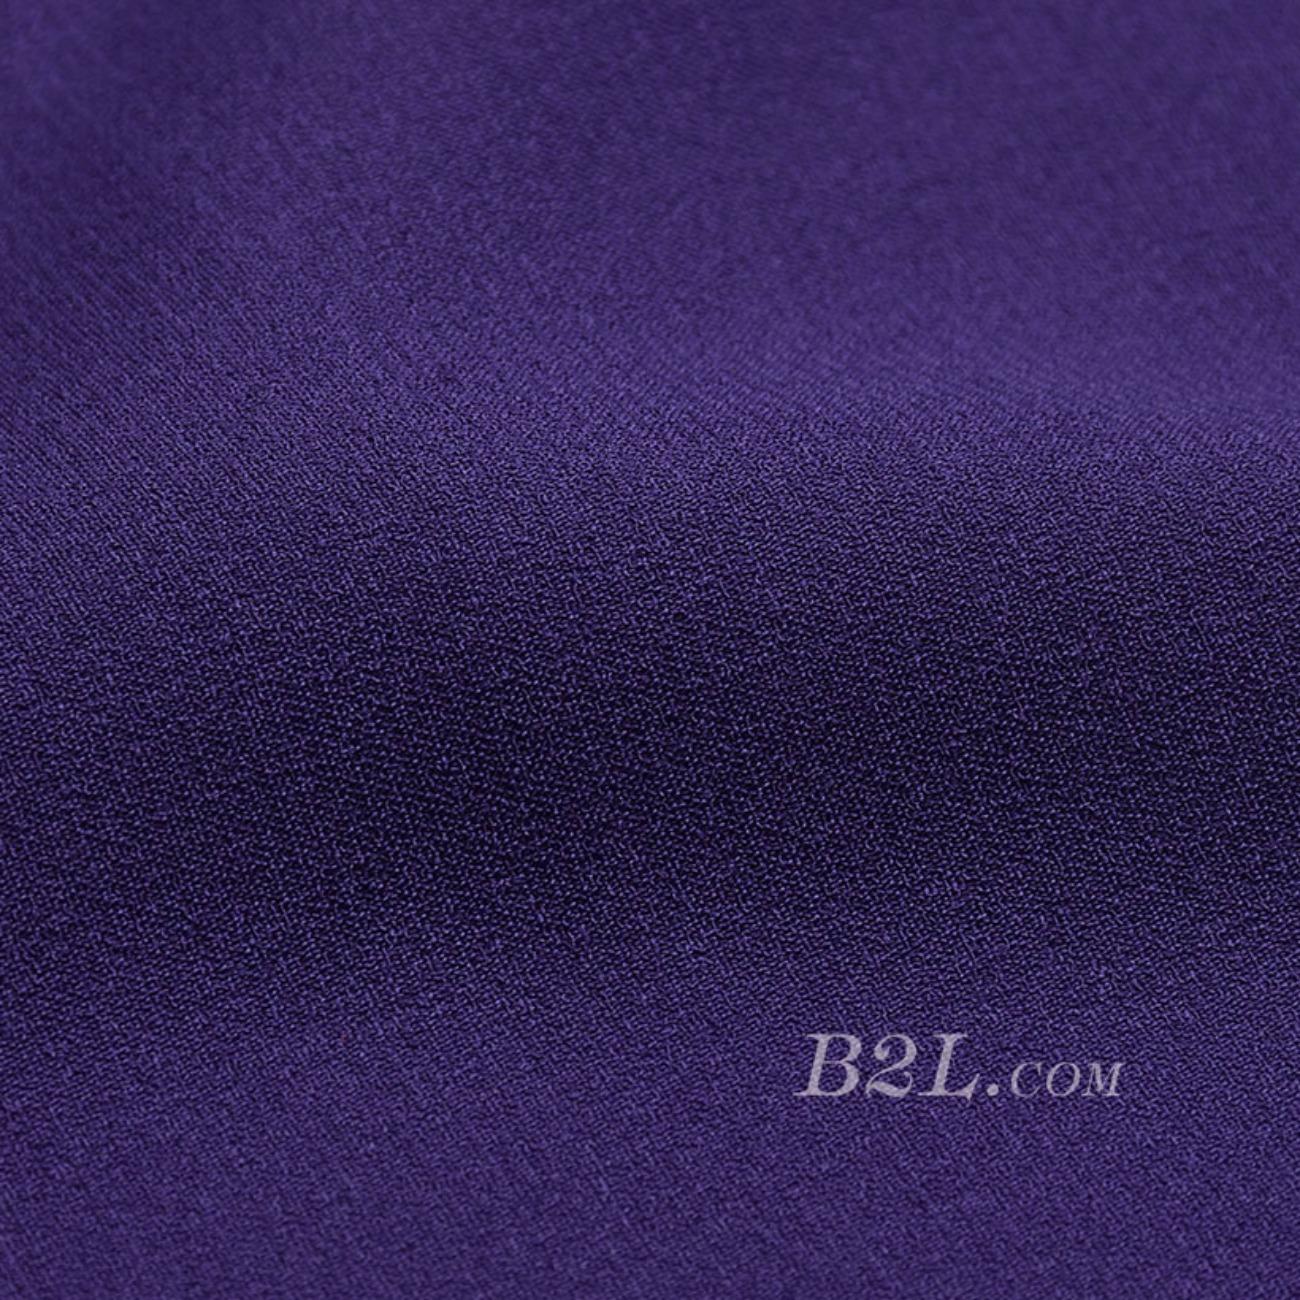 雪纺 素色 纬弹 染色 全涤 衬衫 半身裙 柔软 女装 夏 71112-42